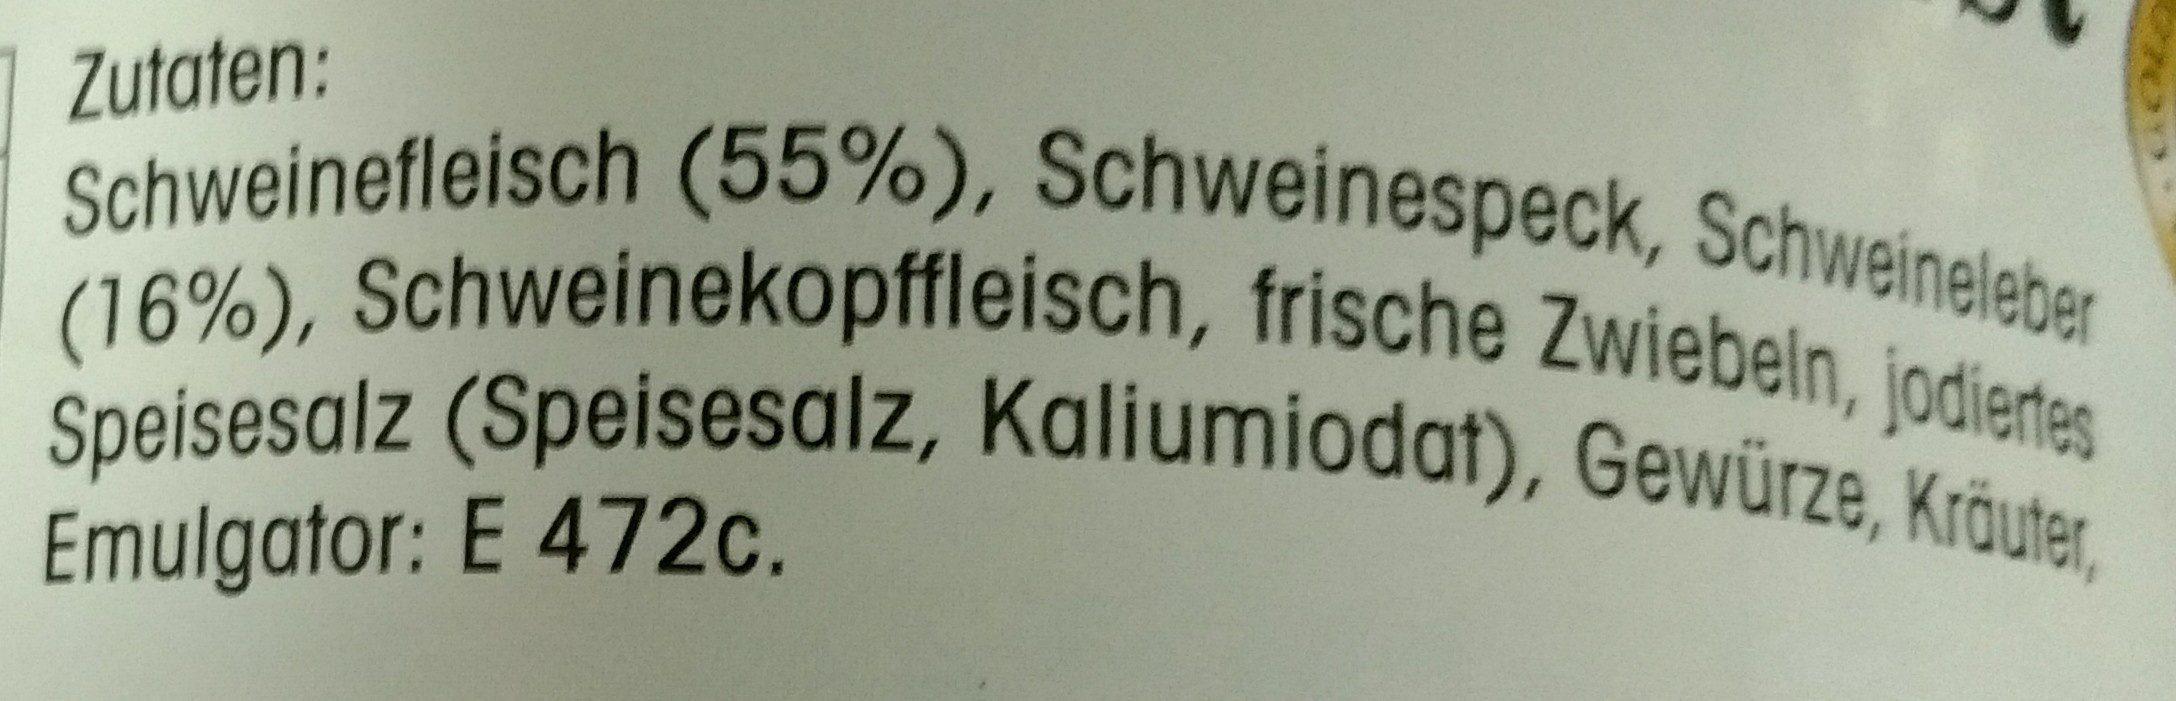 Hausmacher Leberwurst - Ingredients - de